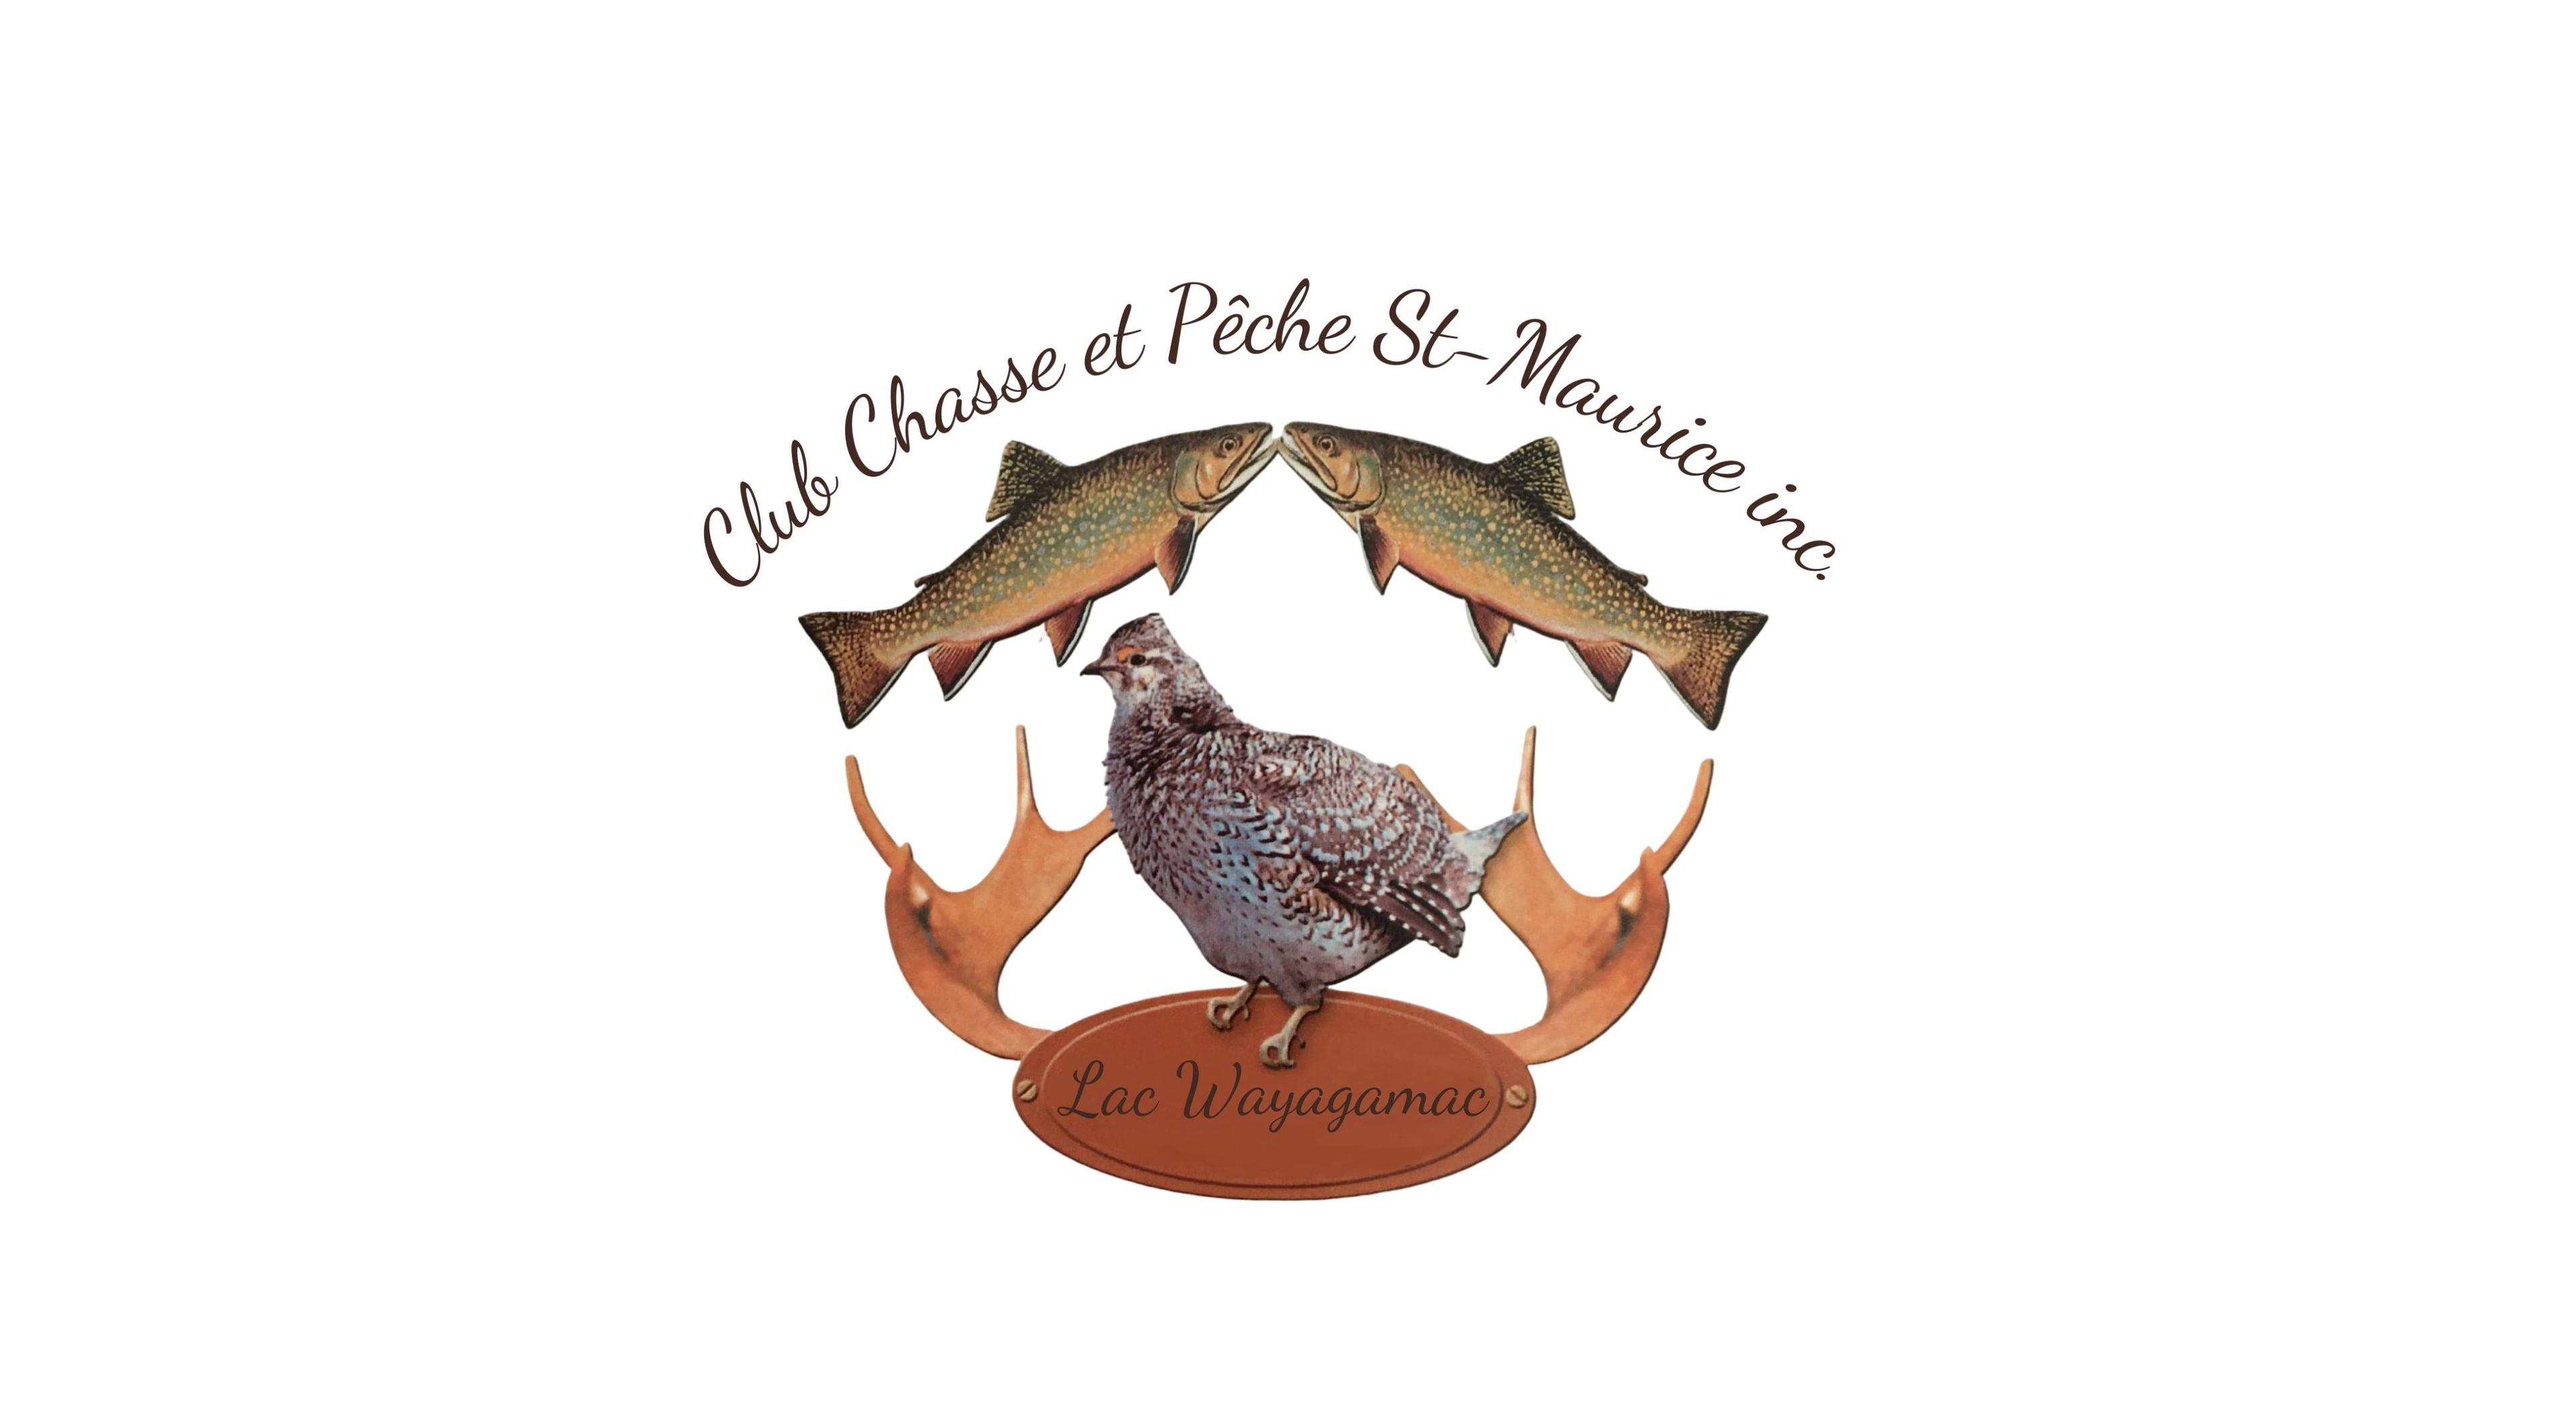 Club de Chasse et Pêche St-Maurice